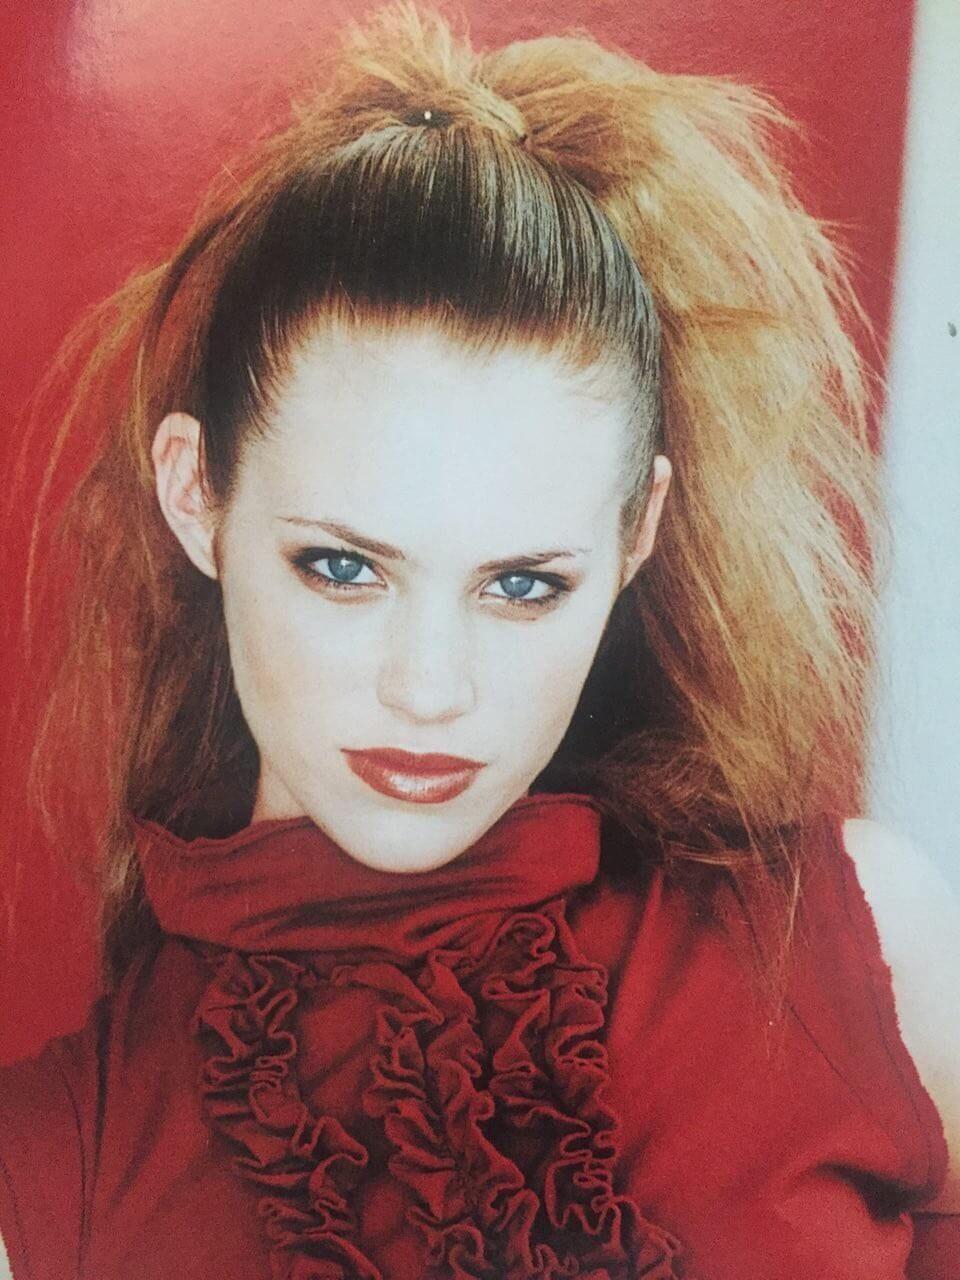 Fabuloso peinados con coletas altas Imagen de tutoriales de color de pelo - Hay peinados con coleta igual que gustos: Coletas altas ...